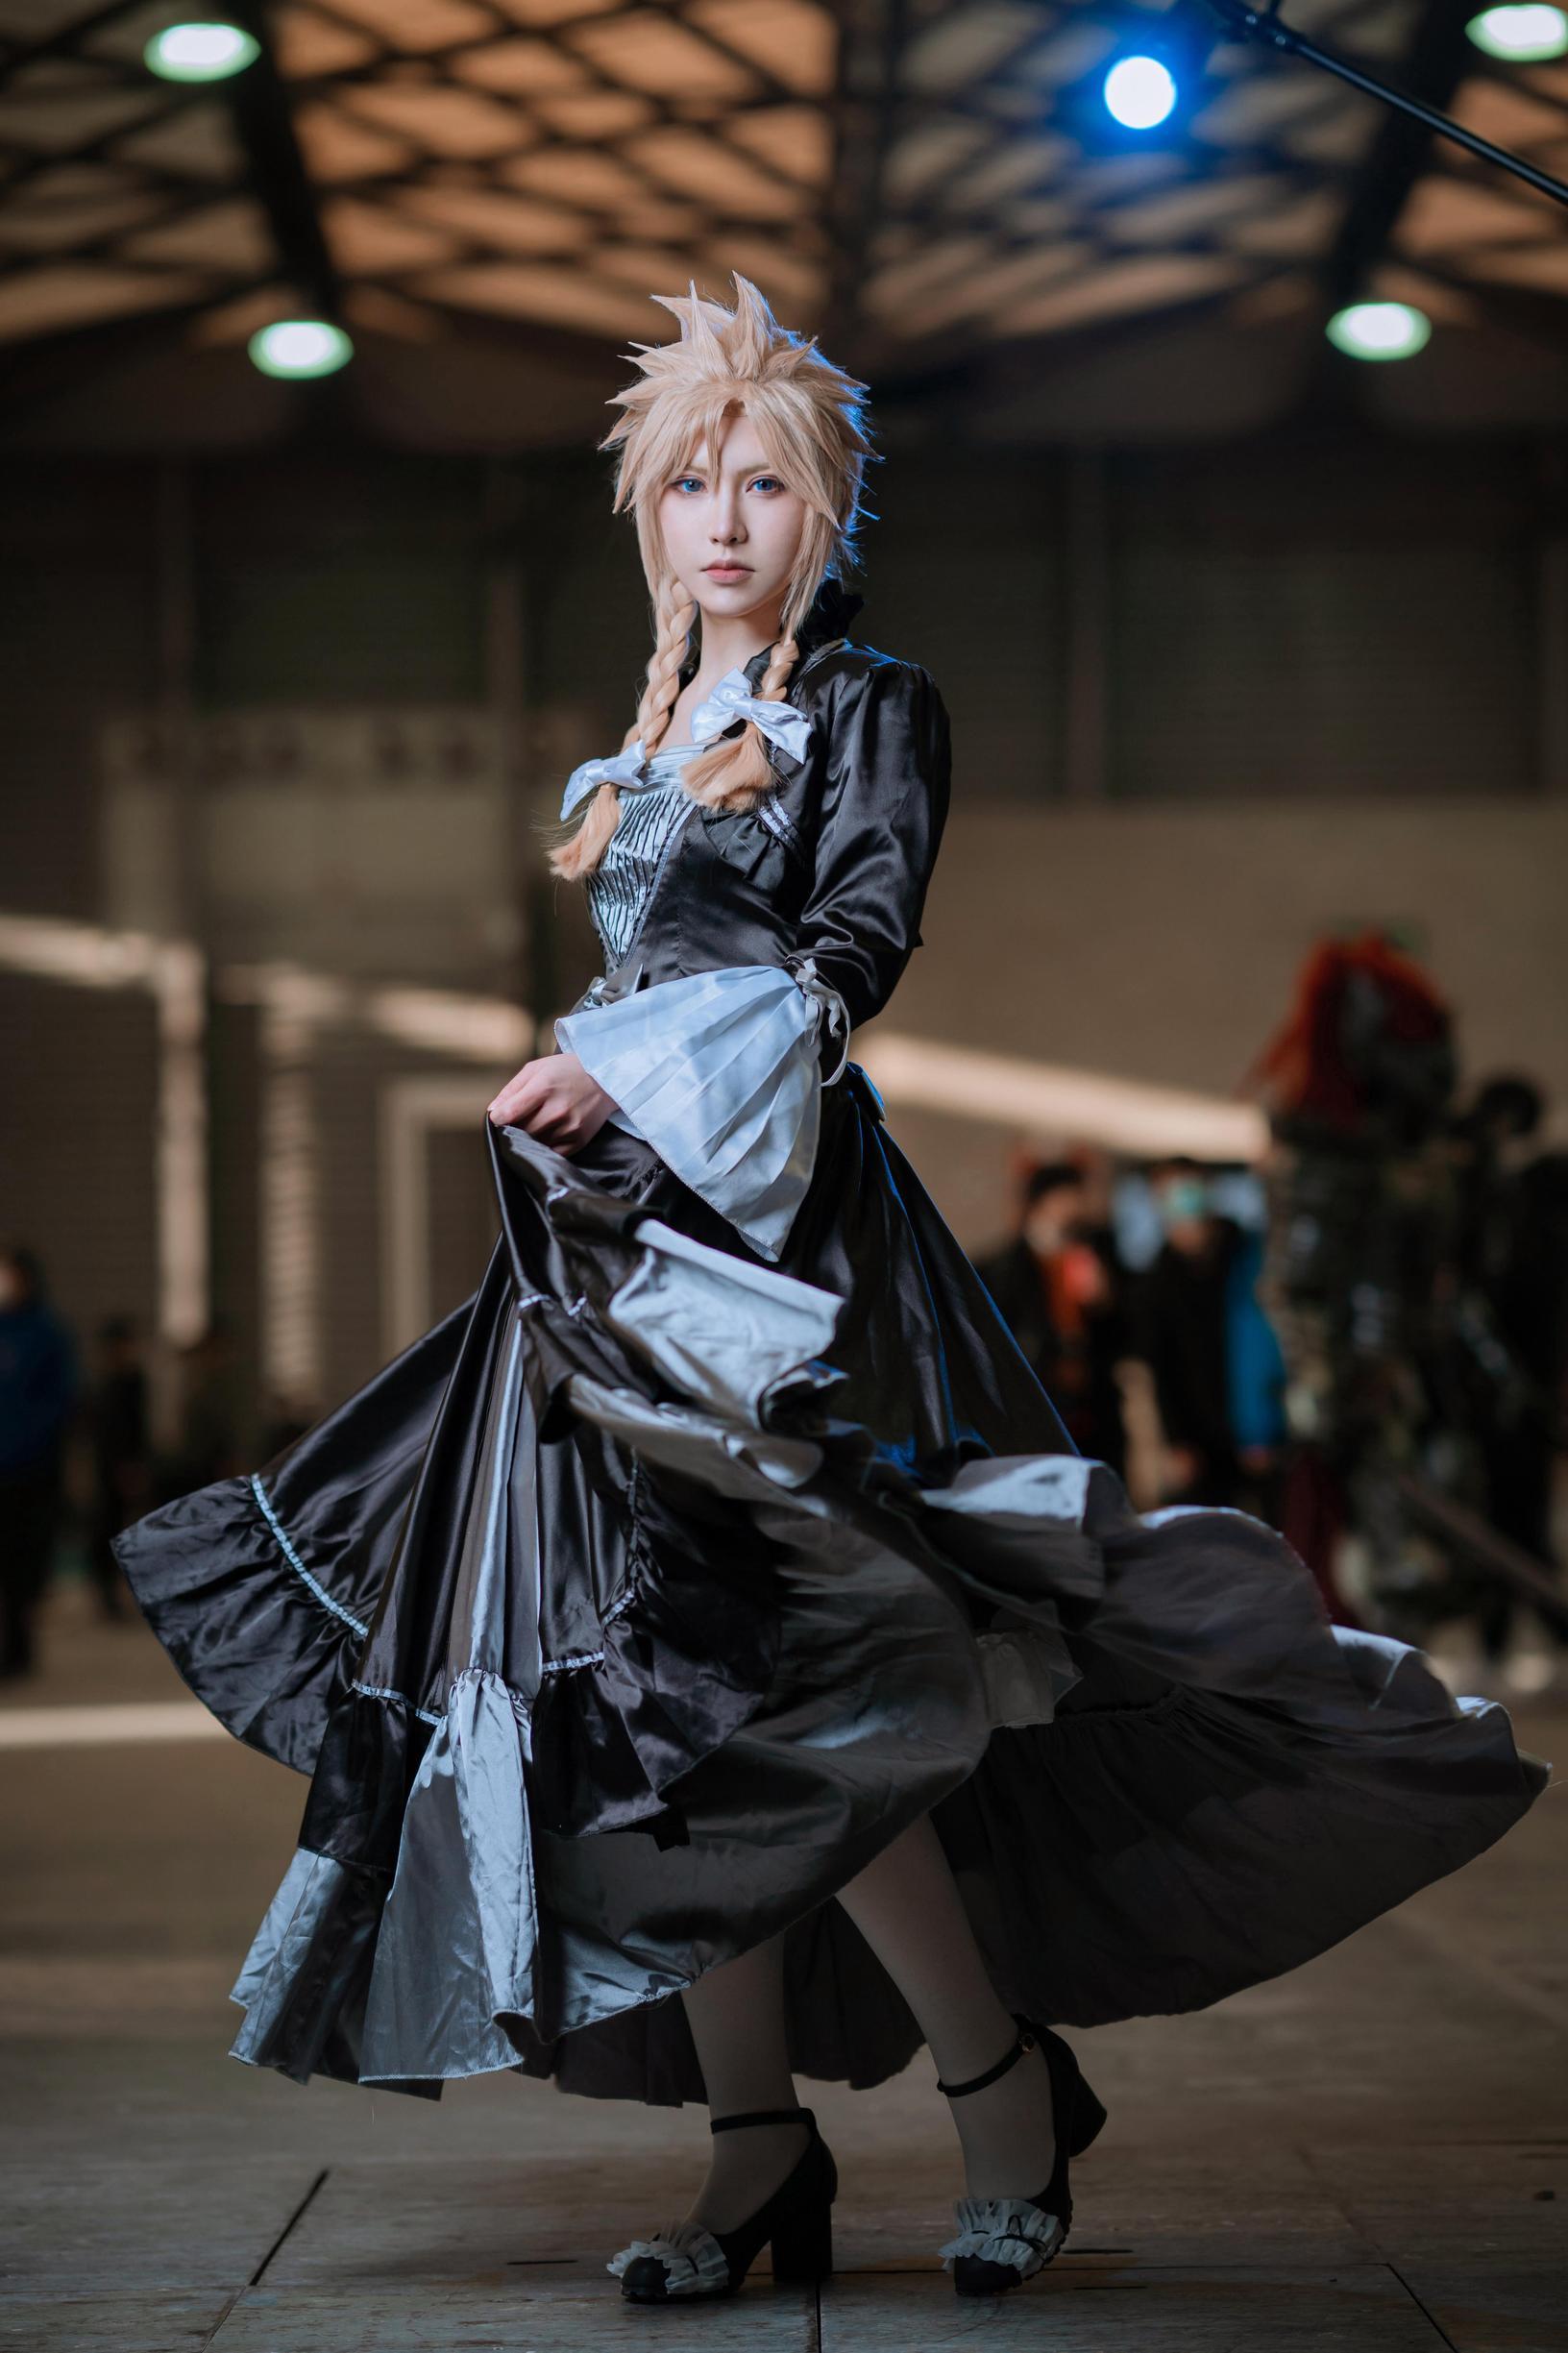 《最终幻想VII》漫展cosplay【CN:_Aoki_】-第2张